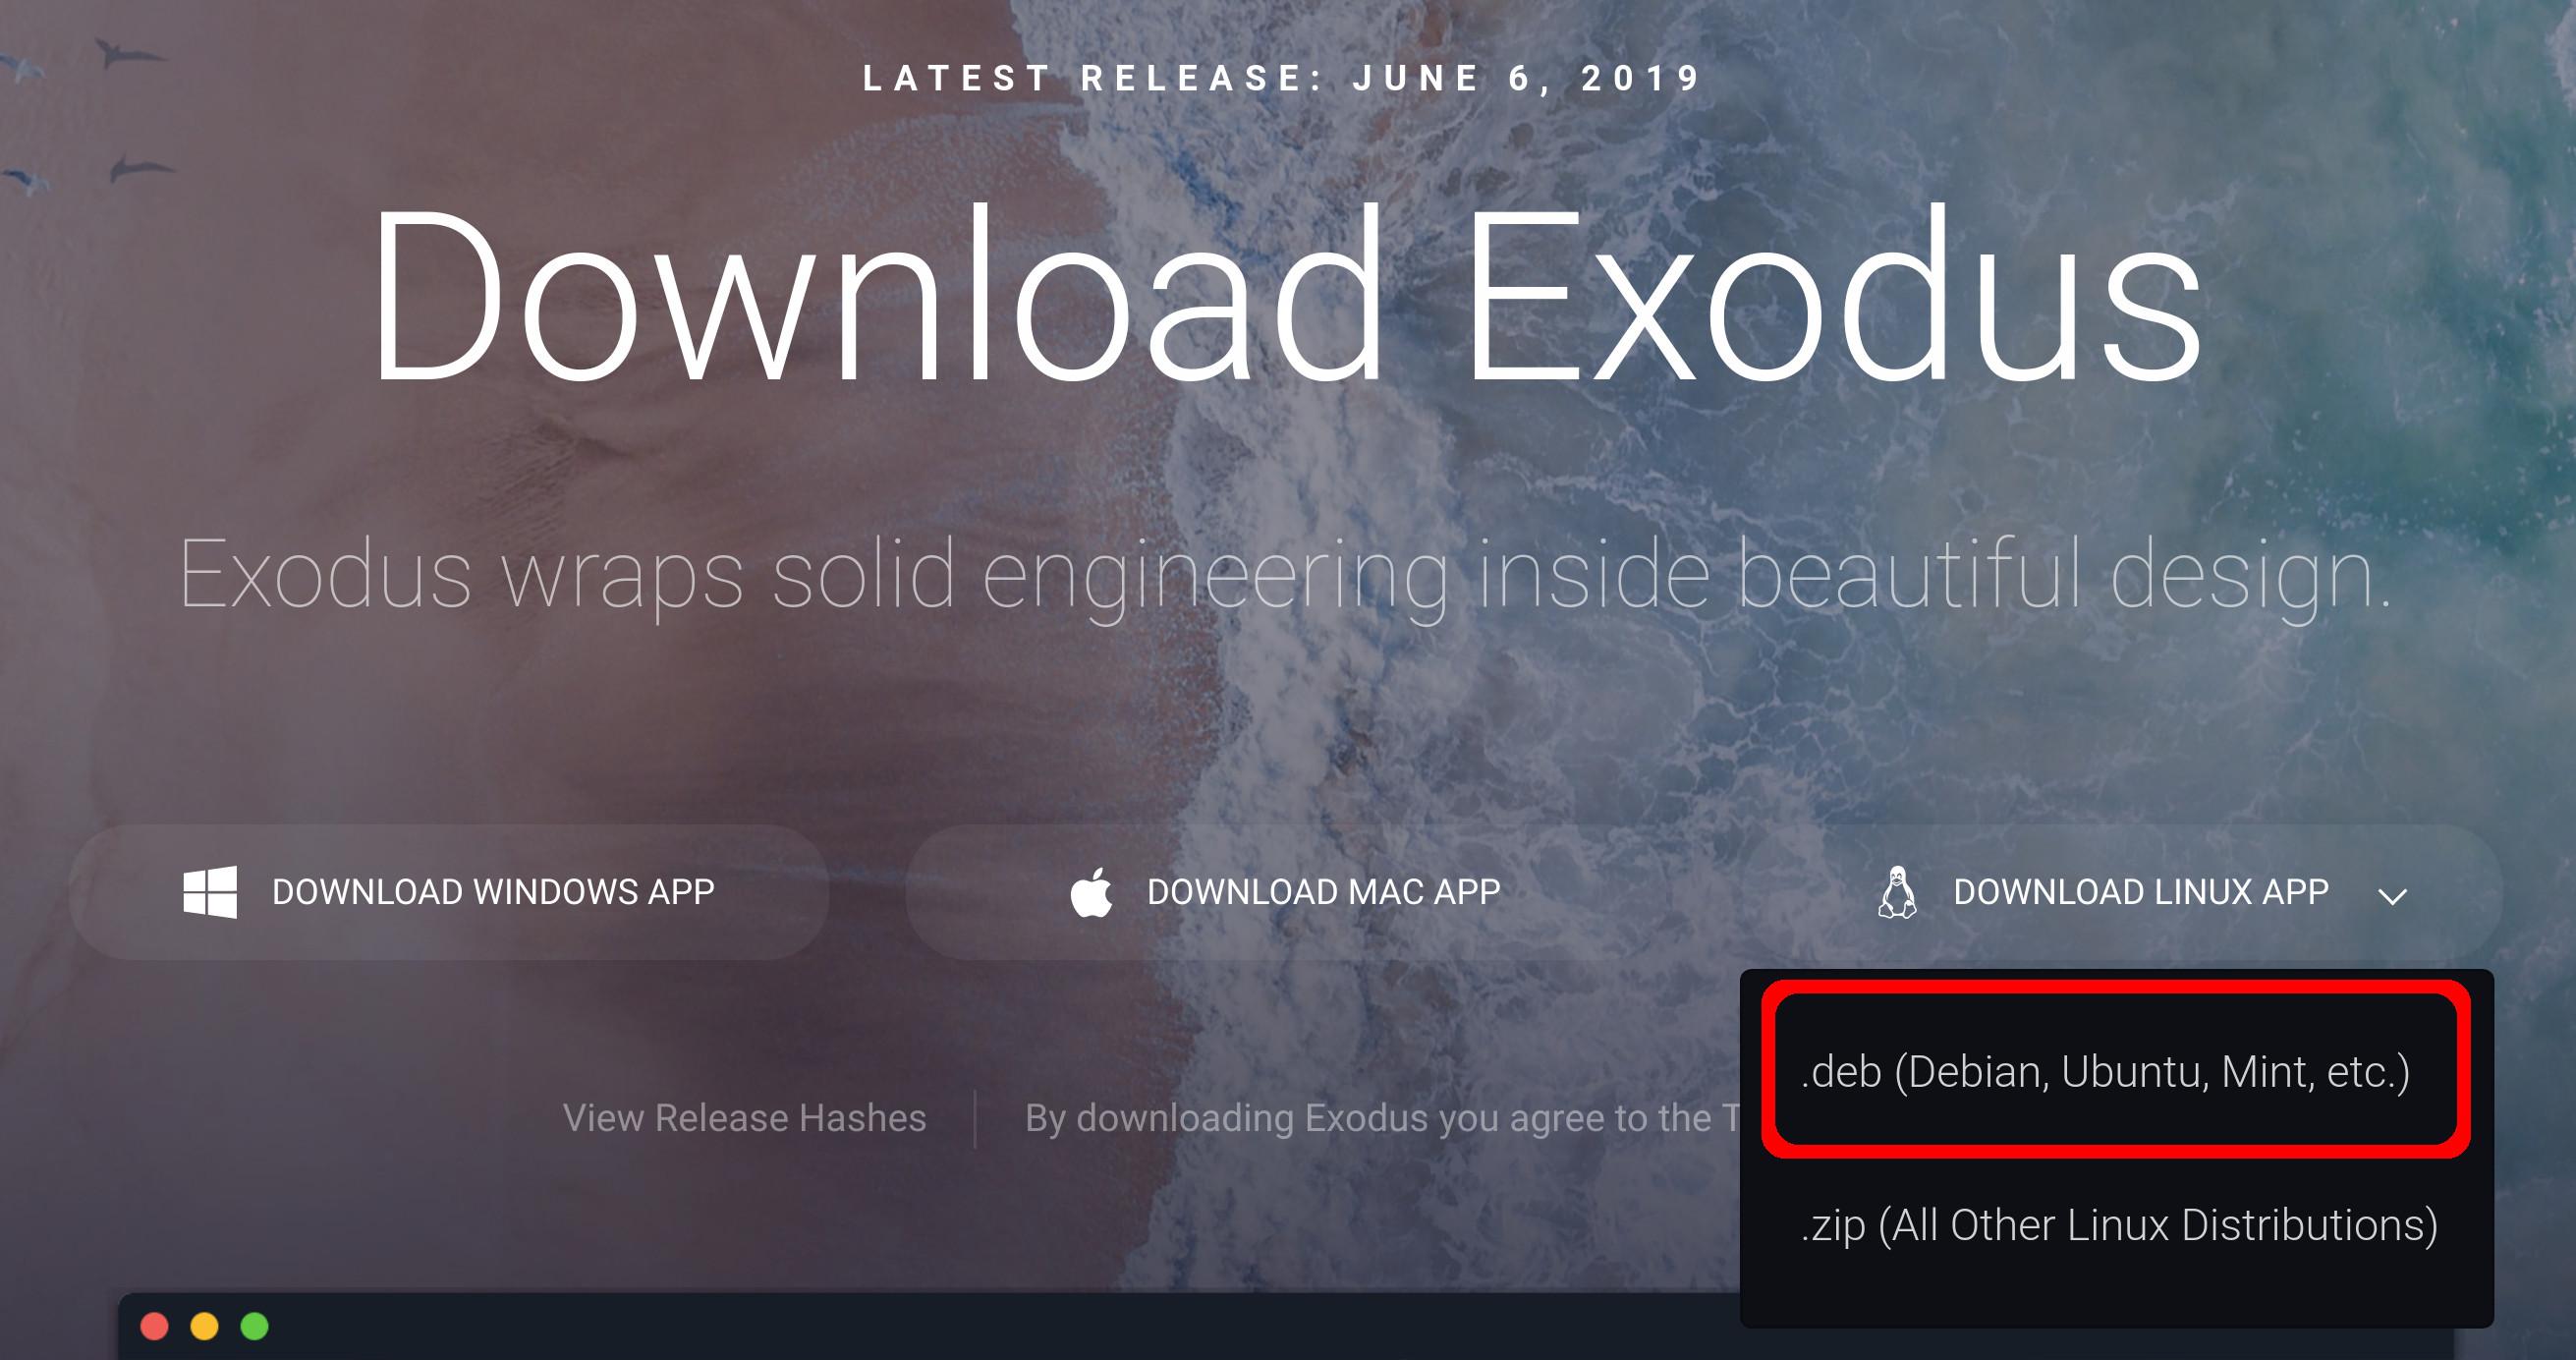 How do I install Exodus? - Exodus Support